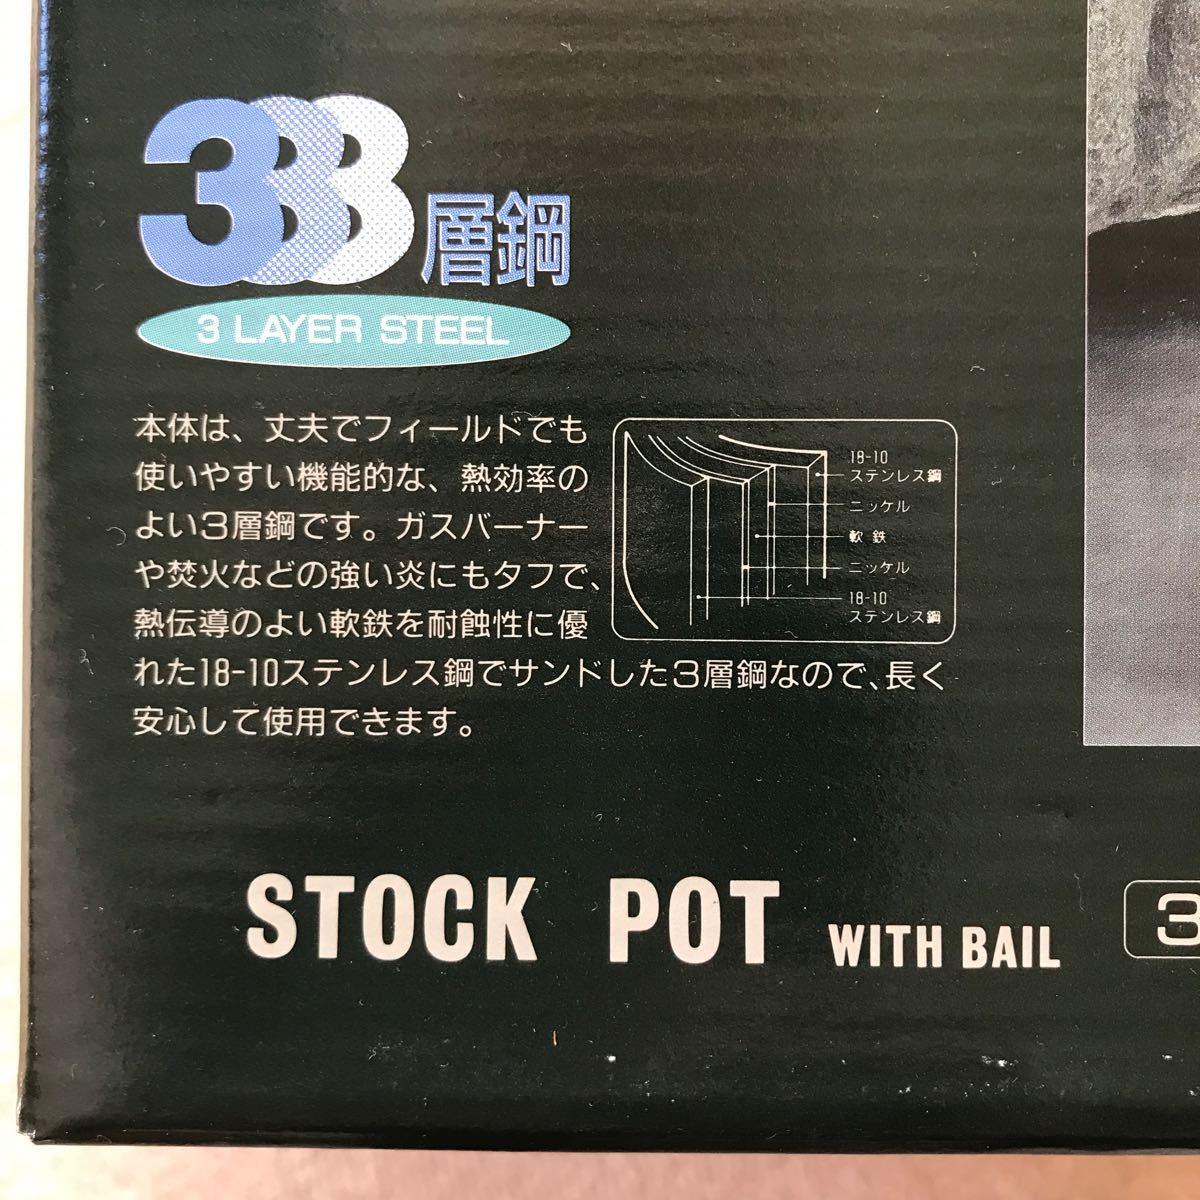 キャプテンスタッグ 3層鋼つる付寸銅鍋17cm M-8606